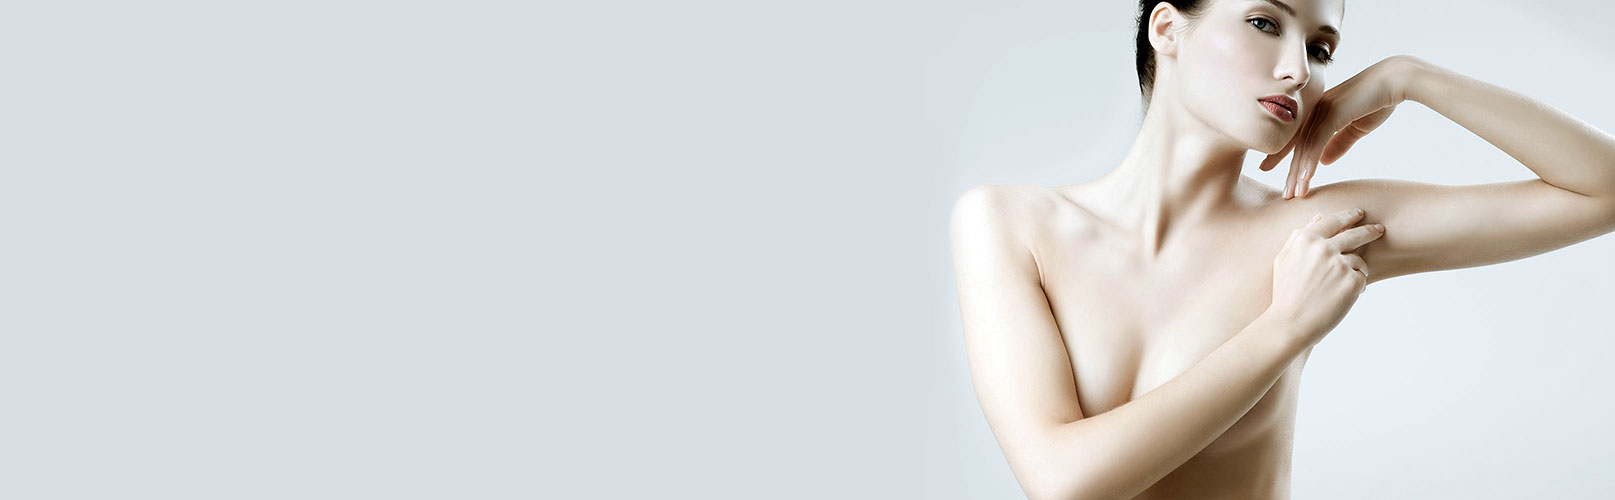 La chirurgie esthétique mammaire à Lyon - Chirurgie esthétique | Dr Corniglion